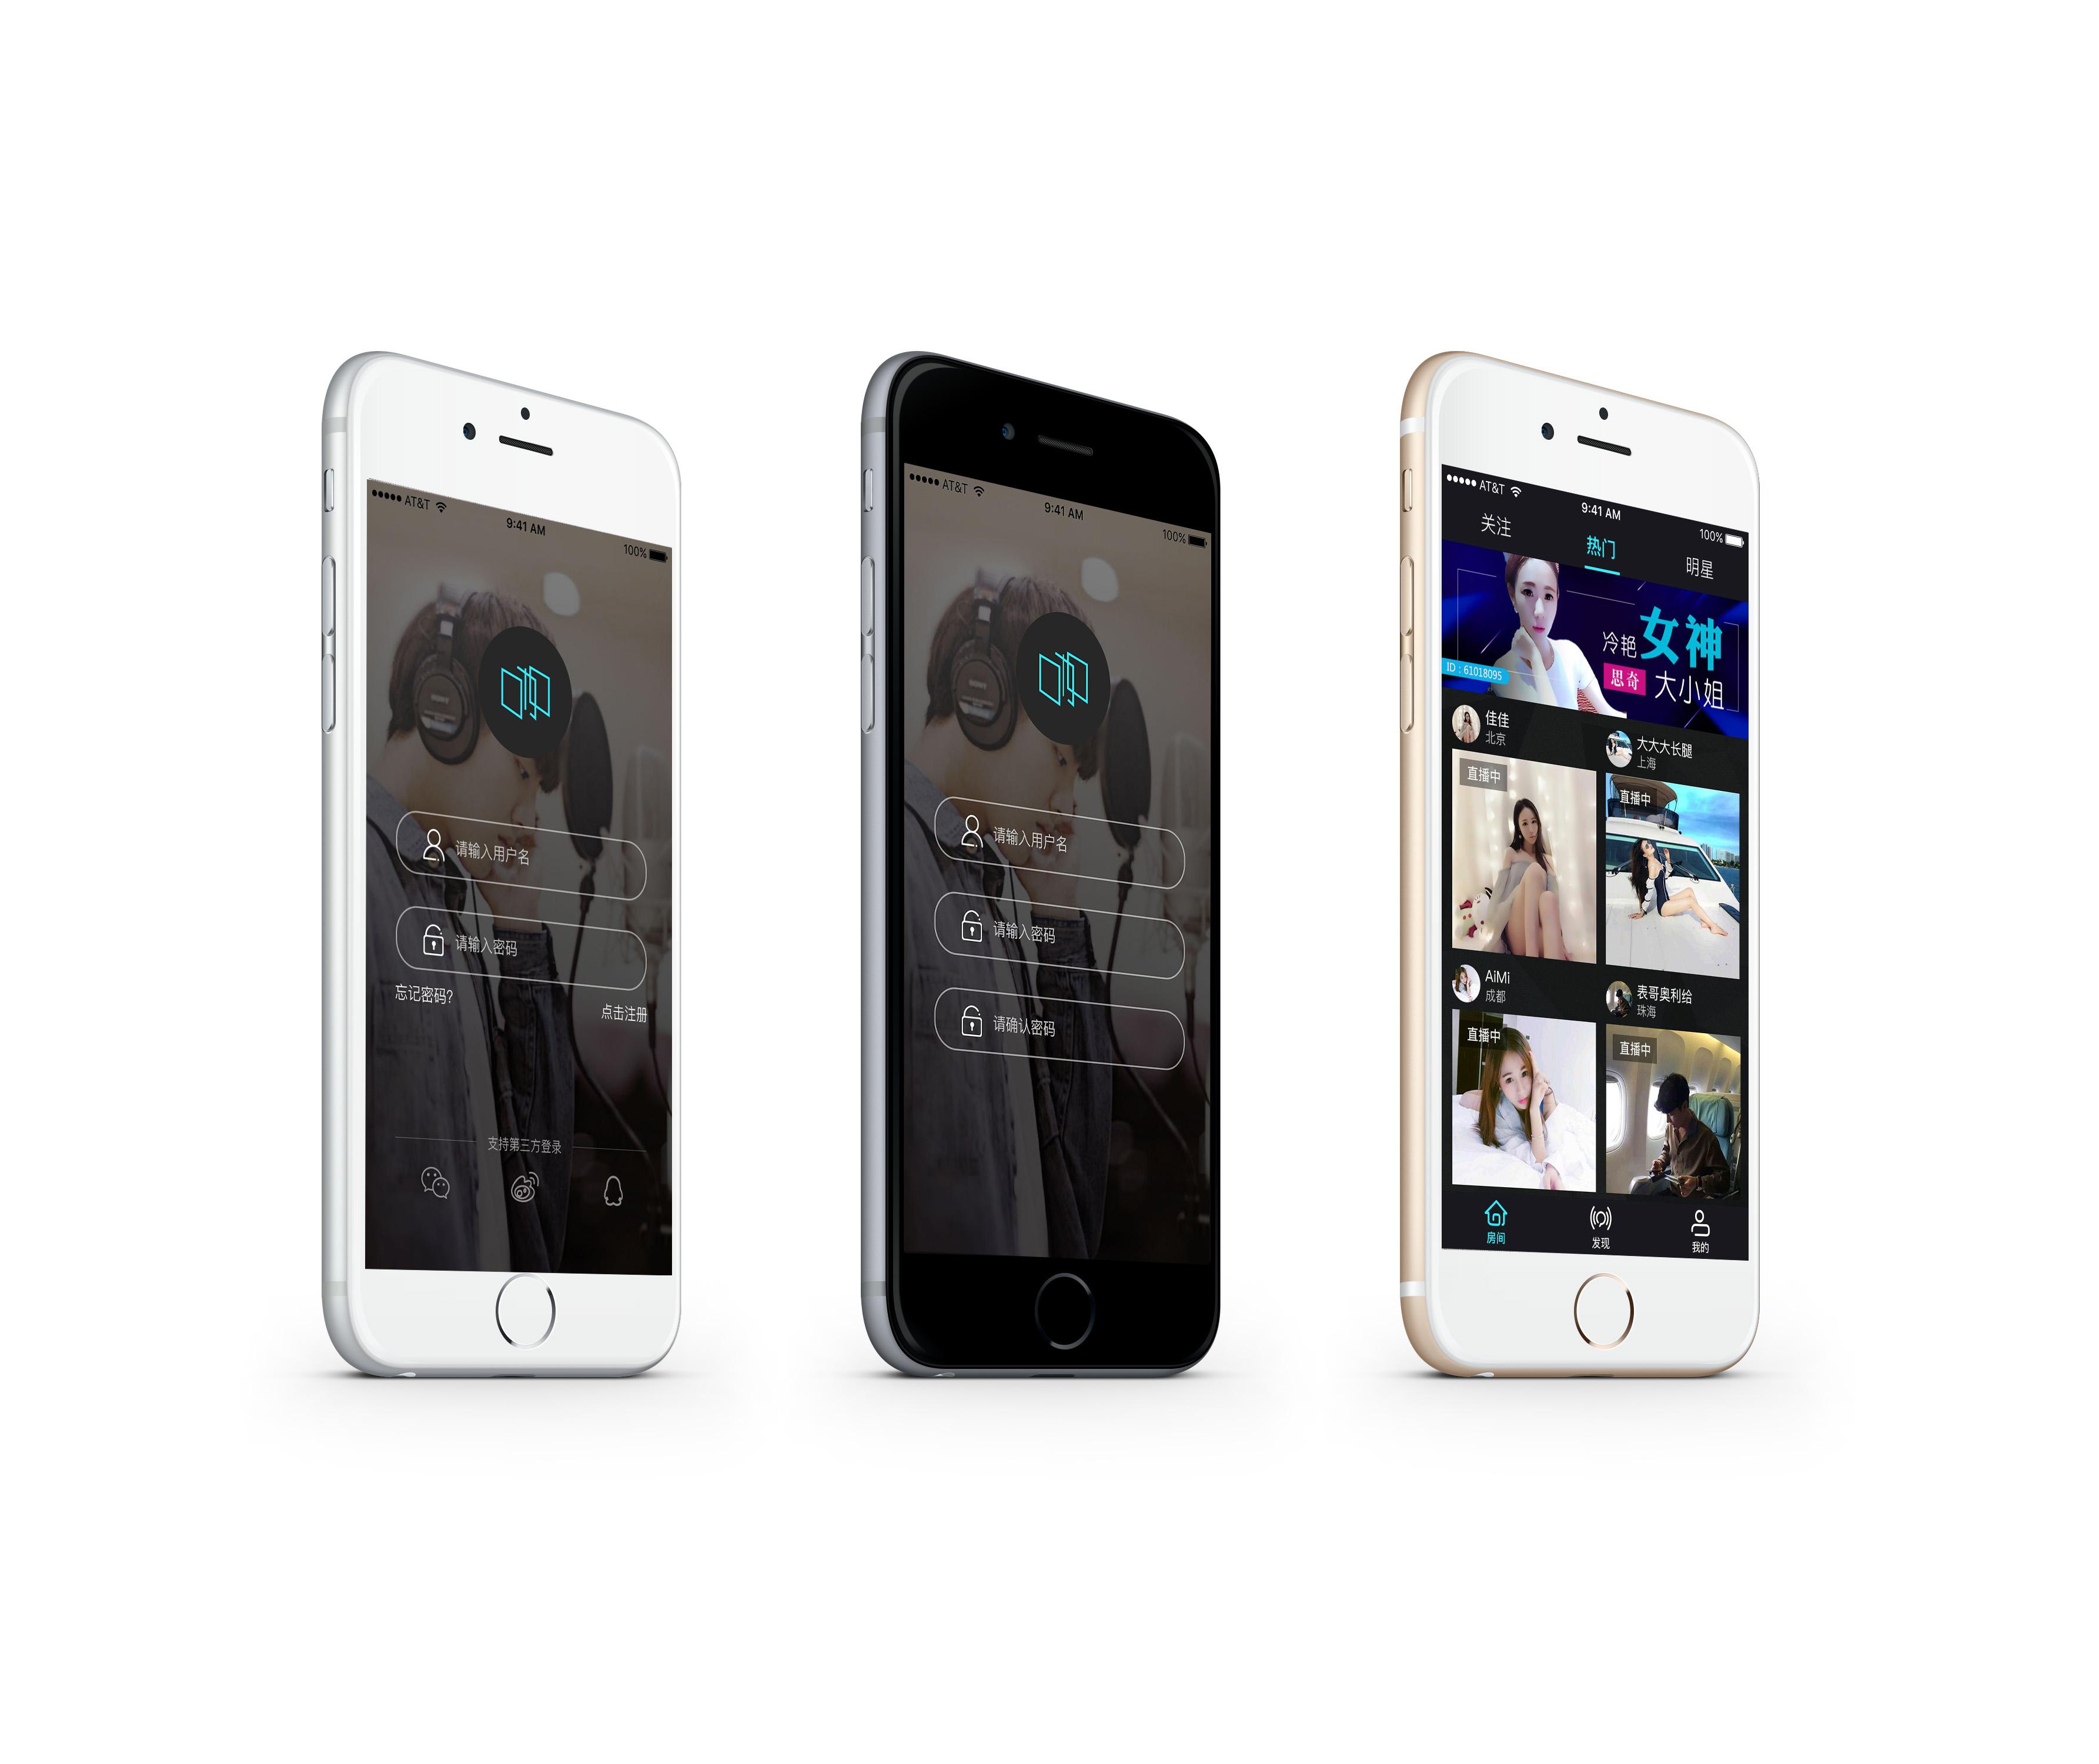 直播系统购物网络一对一视频app软件等定制网站开发平台搭建设